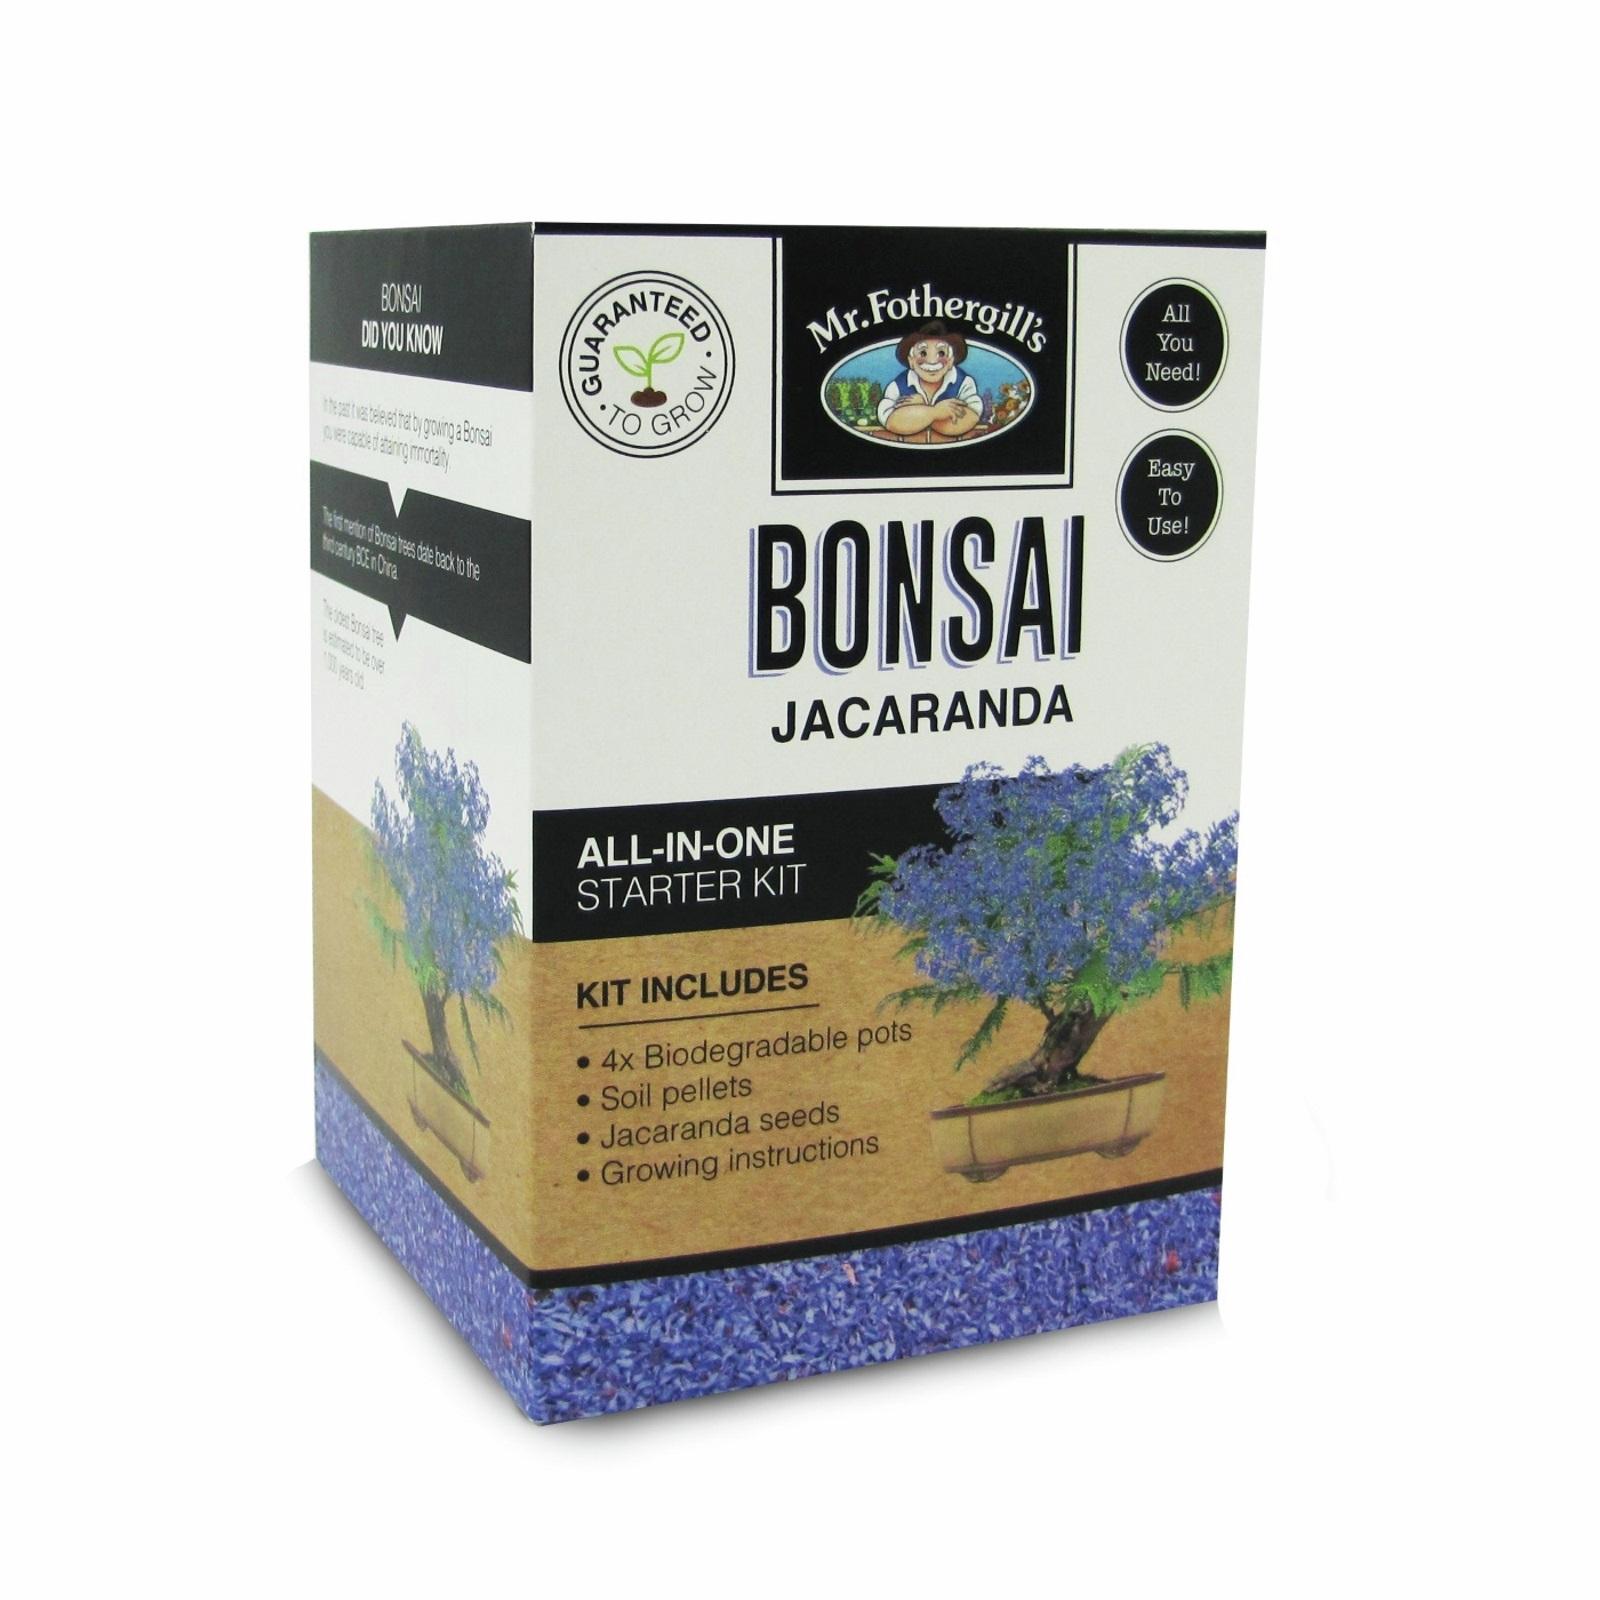 Mr Fothergill's Jacaranda Bonsai Kit